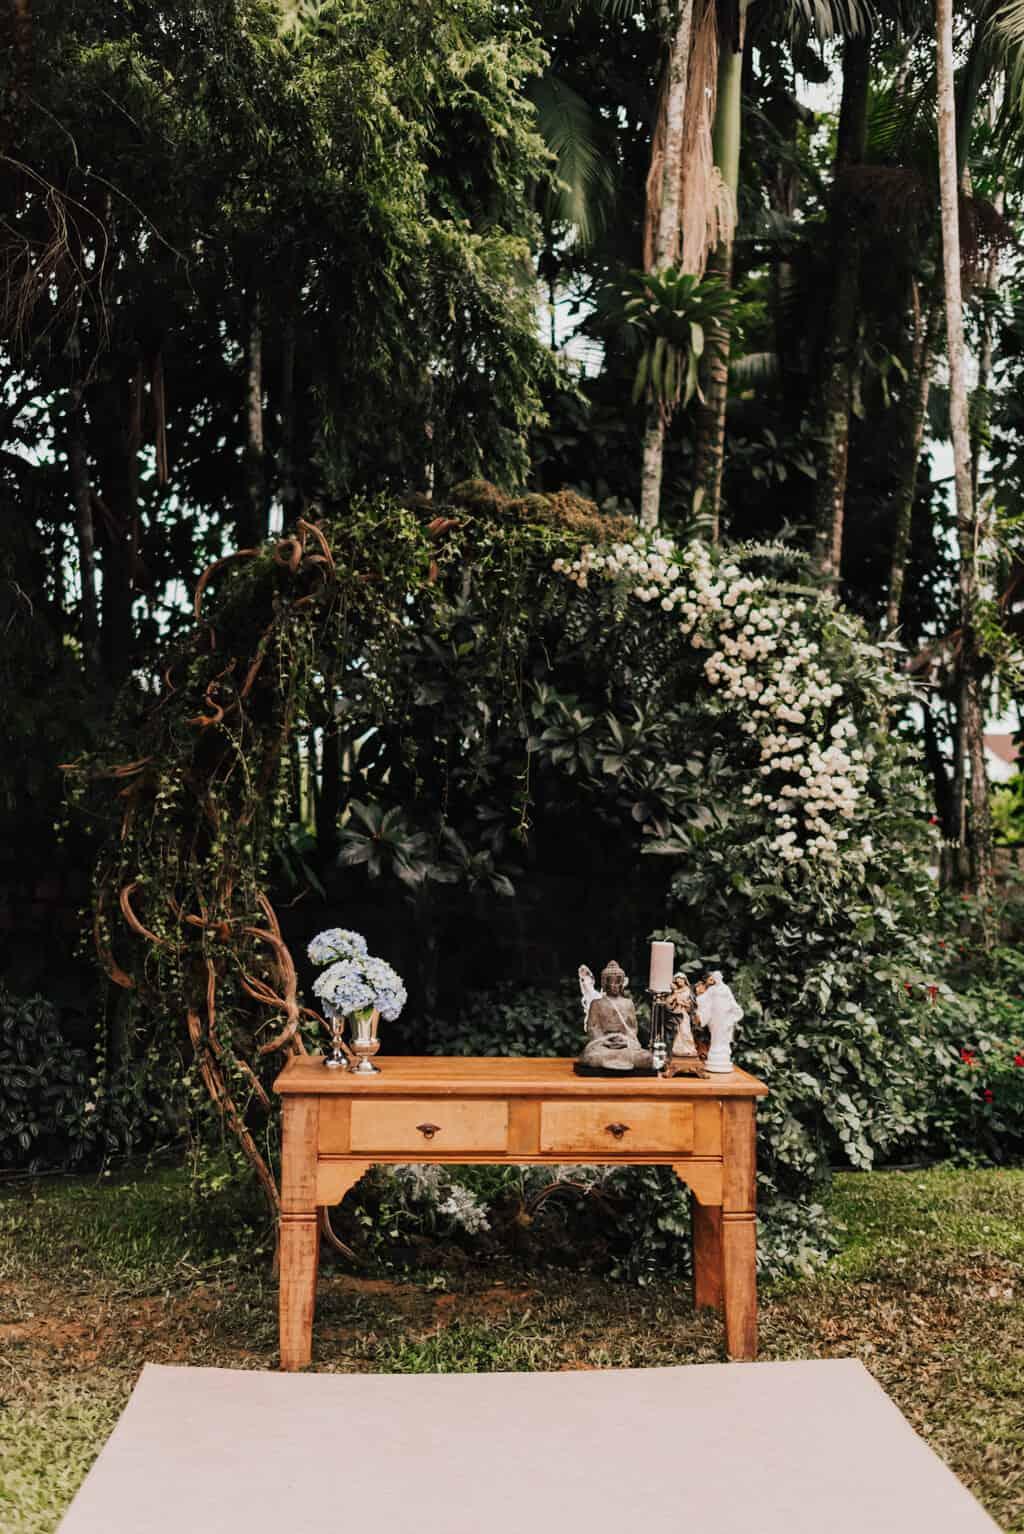 casamento-Maitê-e-Breno-decor-contemporanea-decoracao-branca-com-verde-Fotografia-Mana-Gollo-Hotel-Timbó-Park18